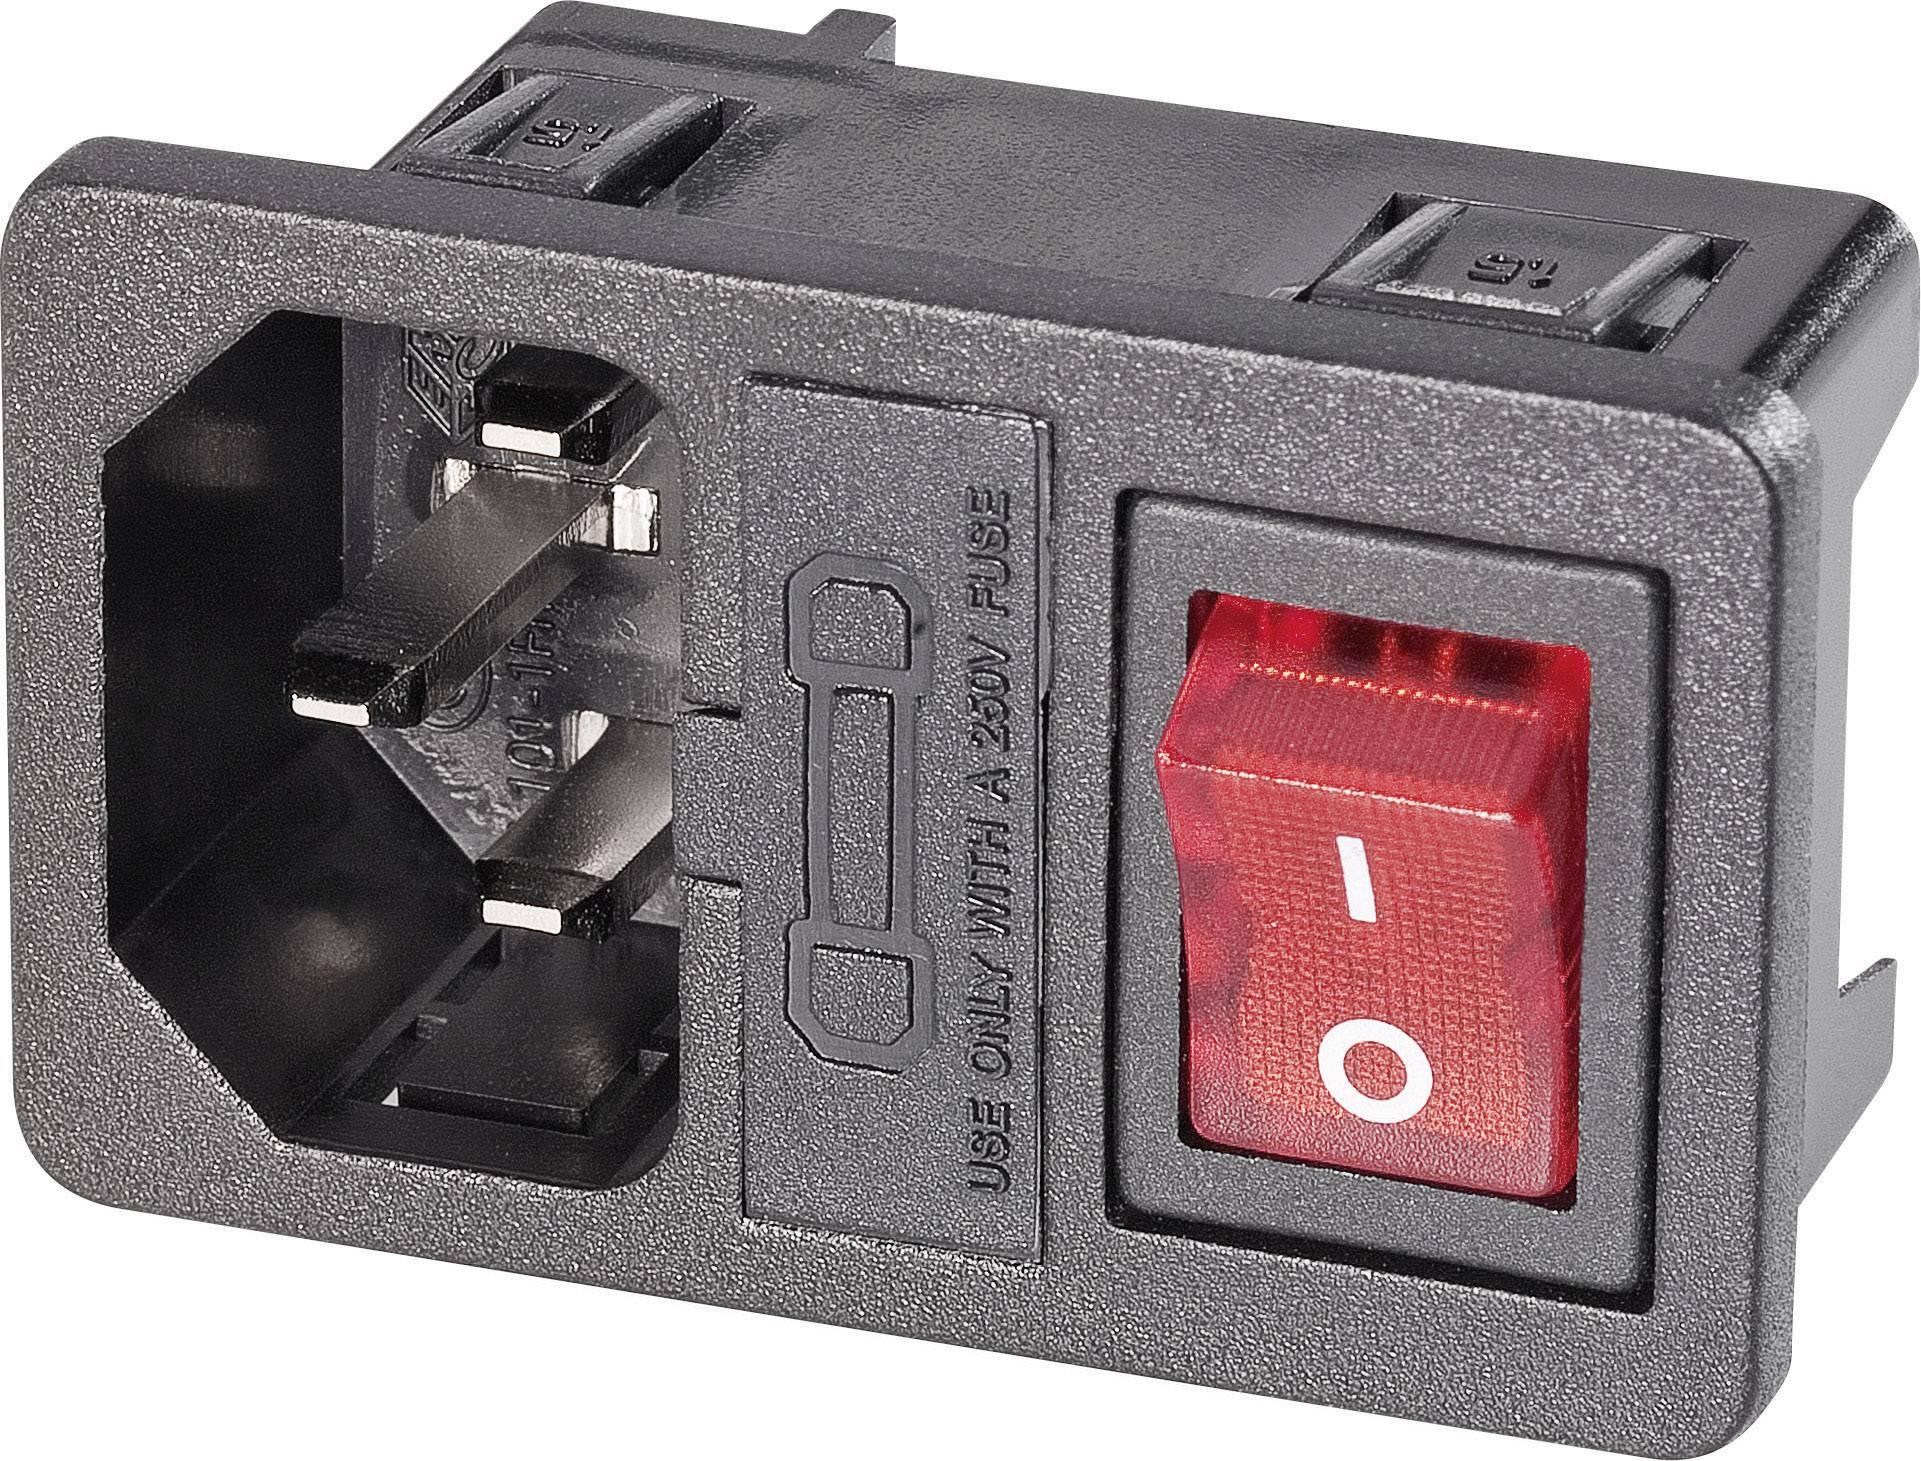 IEC zástrčka C13/C14 K & B 59JR101-1FRS-LR150;C14, zástrčka, vstaviteľná vertikálna, počet kontaktov: 2 + PE, 250 V/AC, čierna, 1 ks